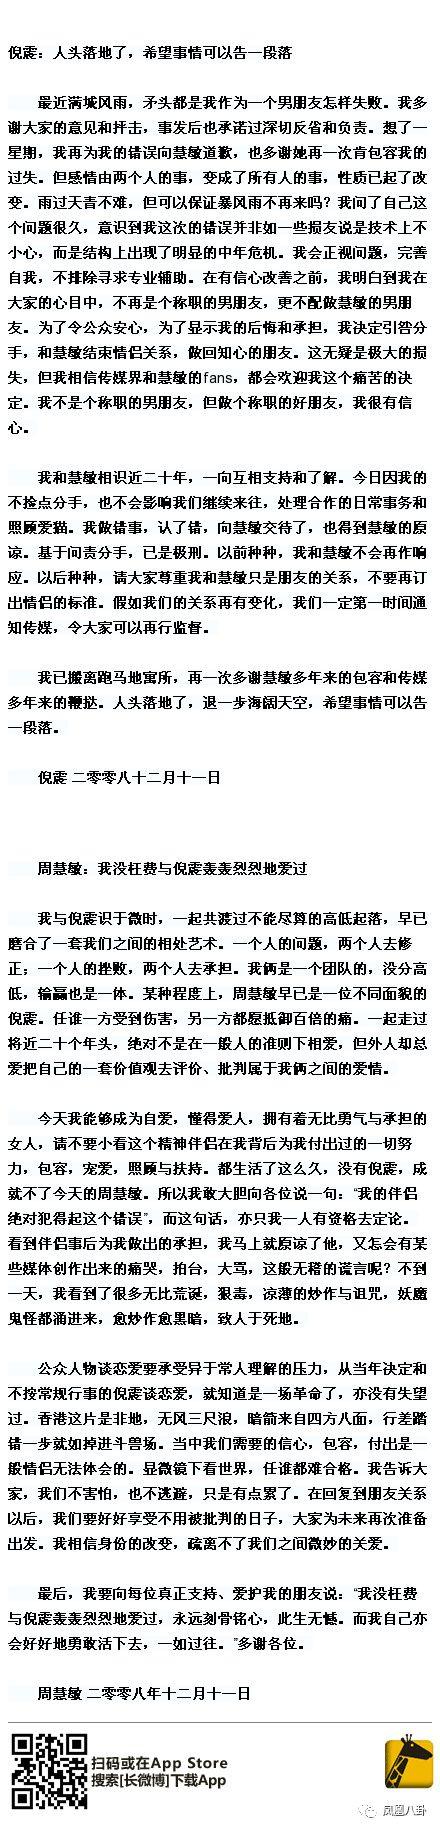 拜托林允娜扎们发分手声明都走心点,别老学隔壁韩国的那套!